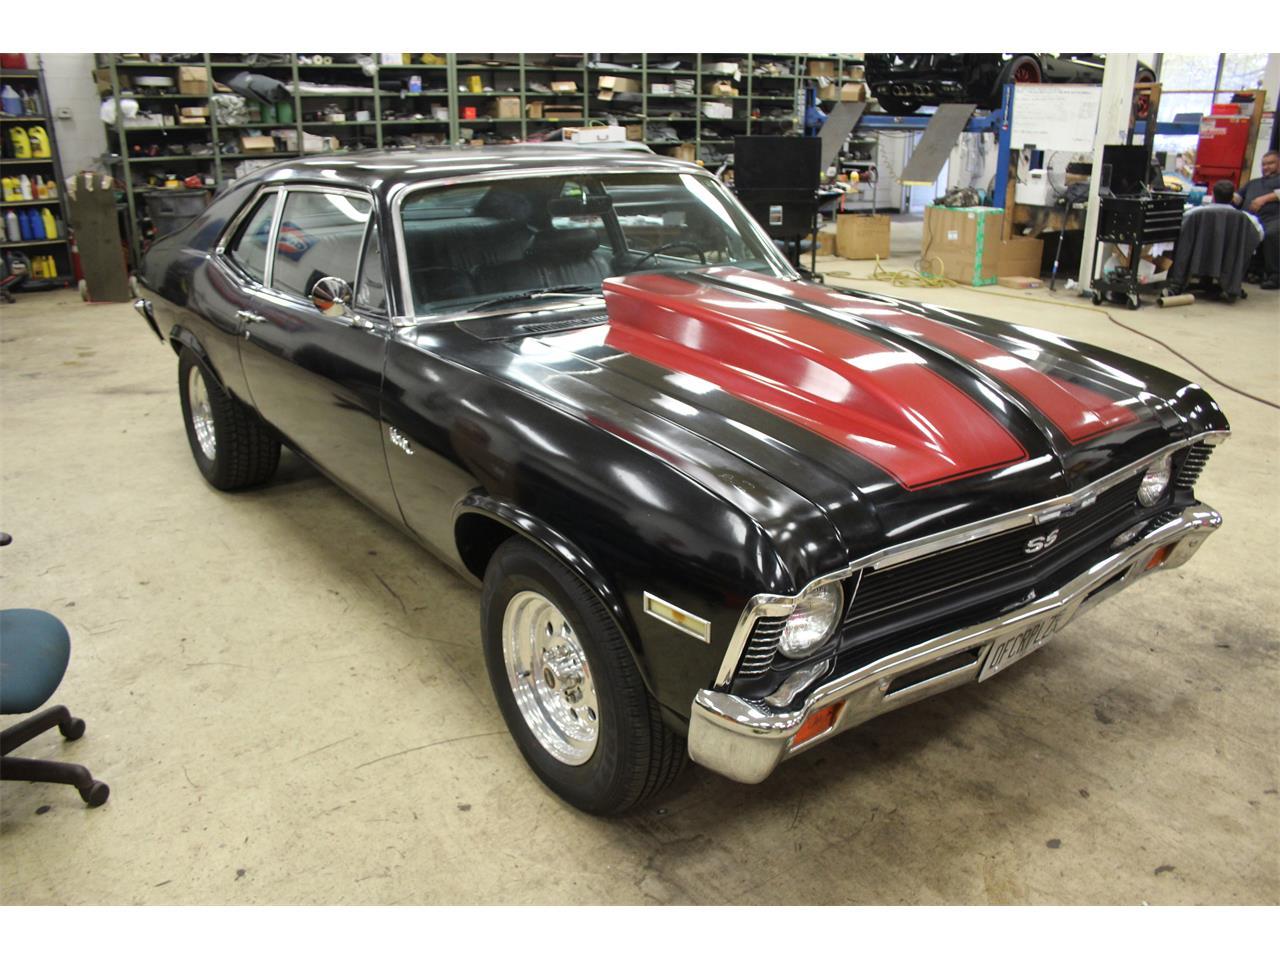 Large Picture of '72 Chevrolet Nova - $17,900.00 - OT0W